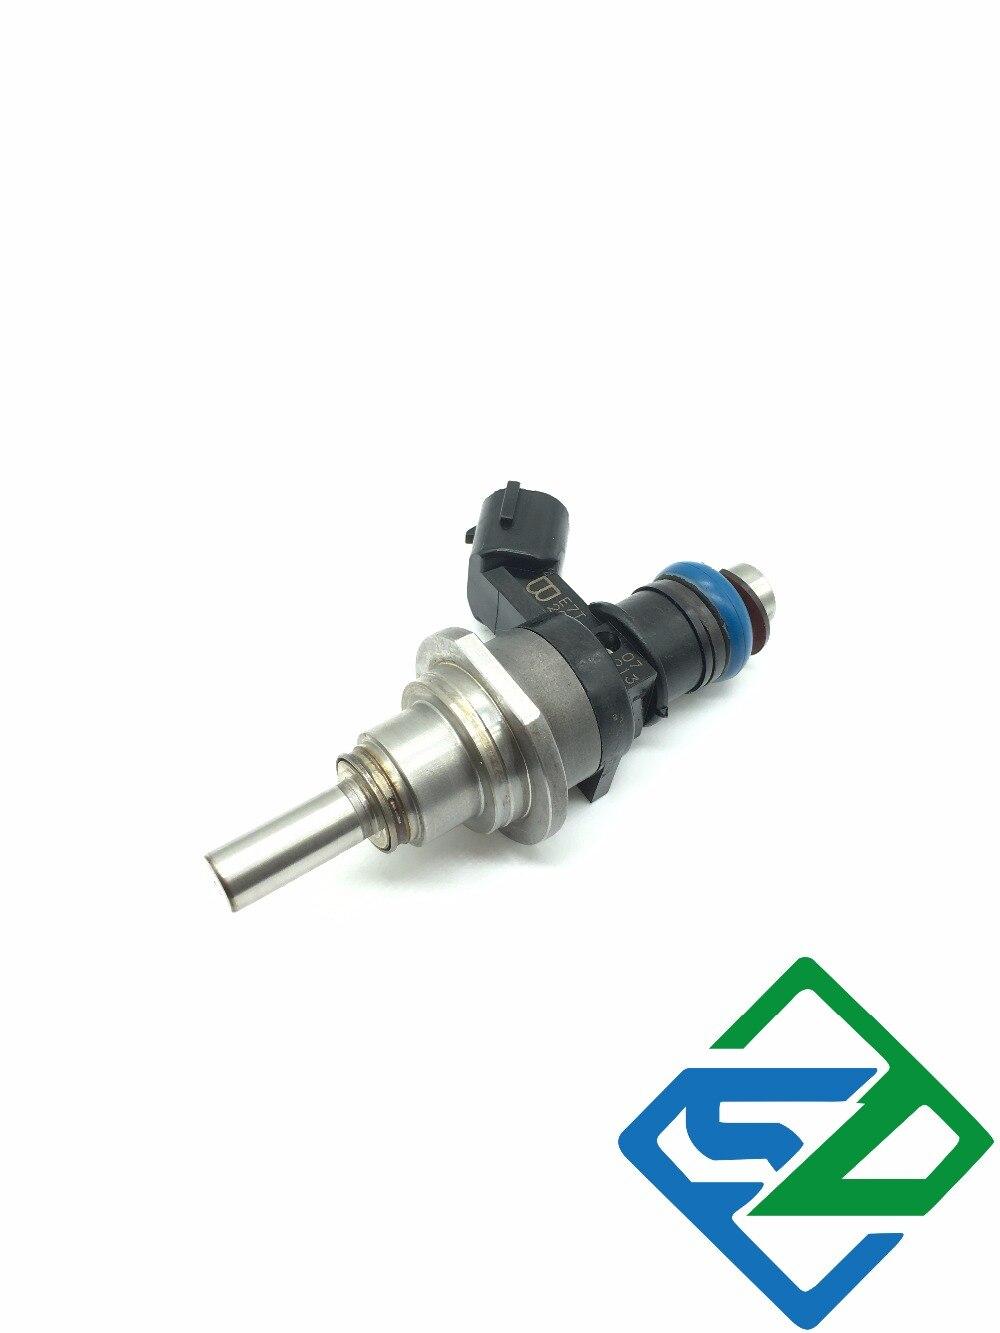 Injecteur de carburant Buse Pour 2006-2013 Mazda3/6/CX-7 2.3L turbine OEM: L3k9-13-250A L3K913250A E7T20171 L3K9-13-250A L3K9 13 250 Un